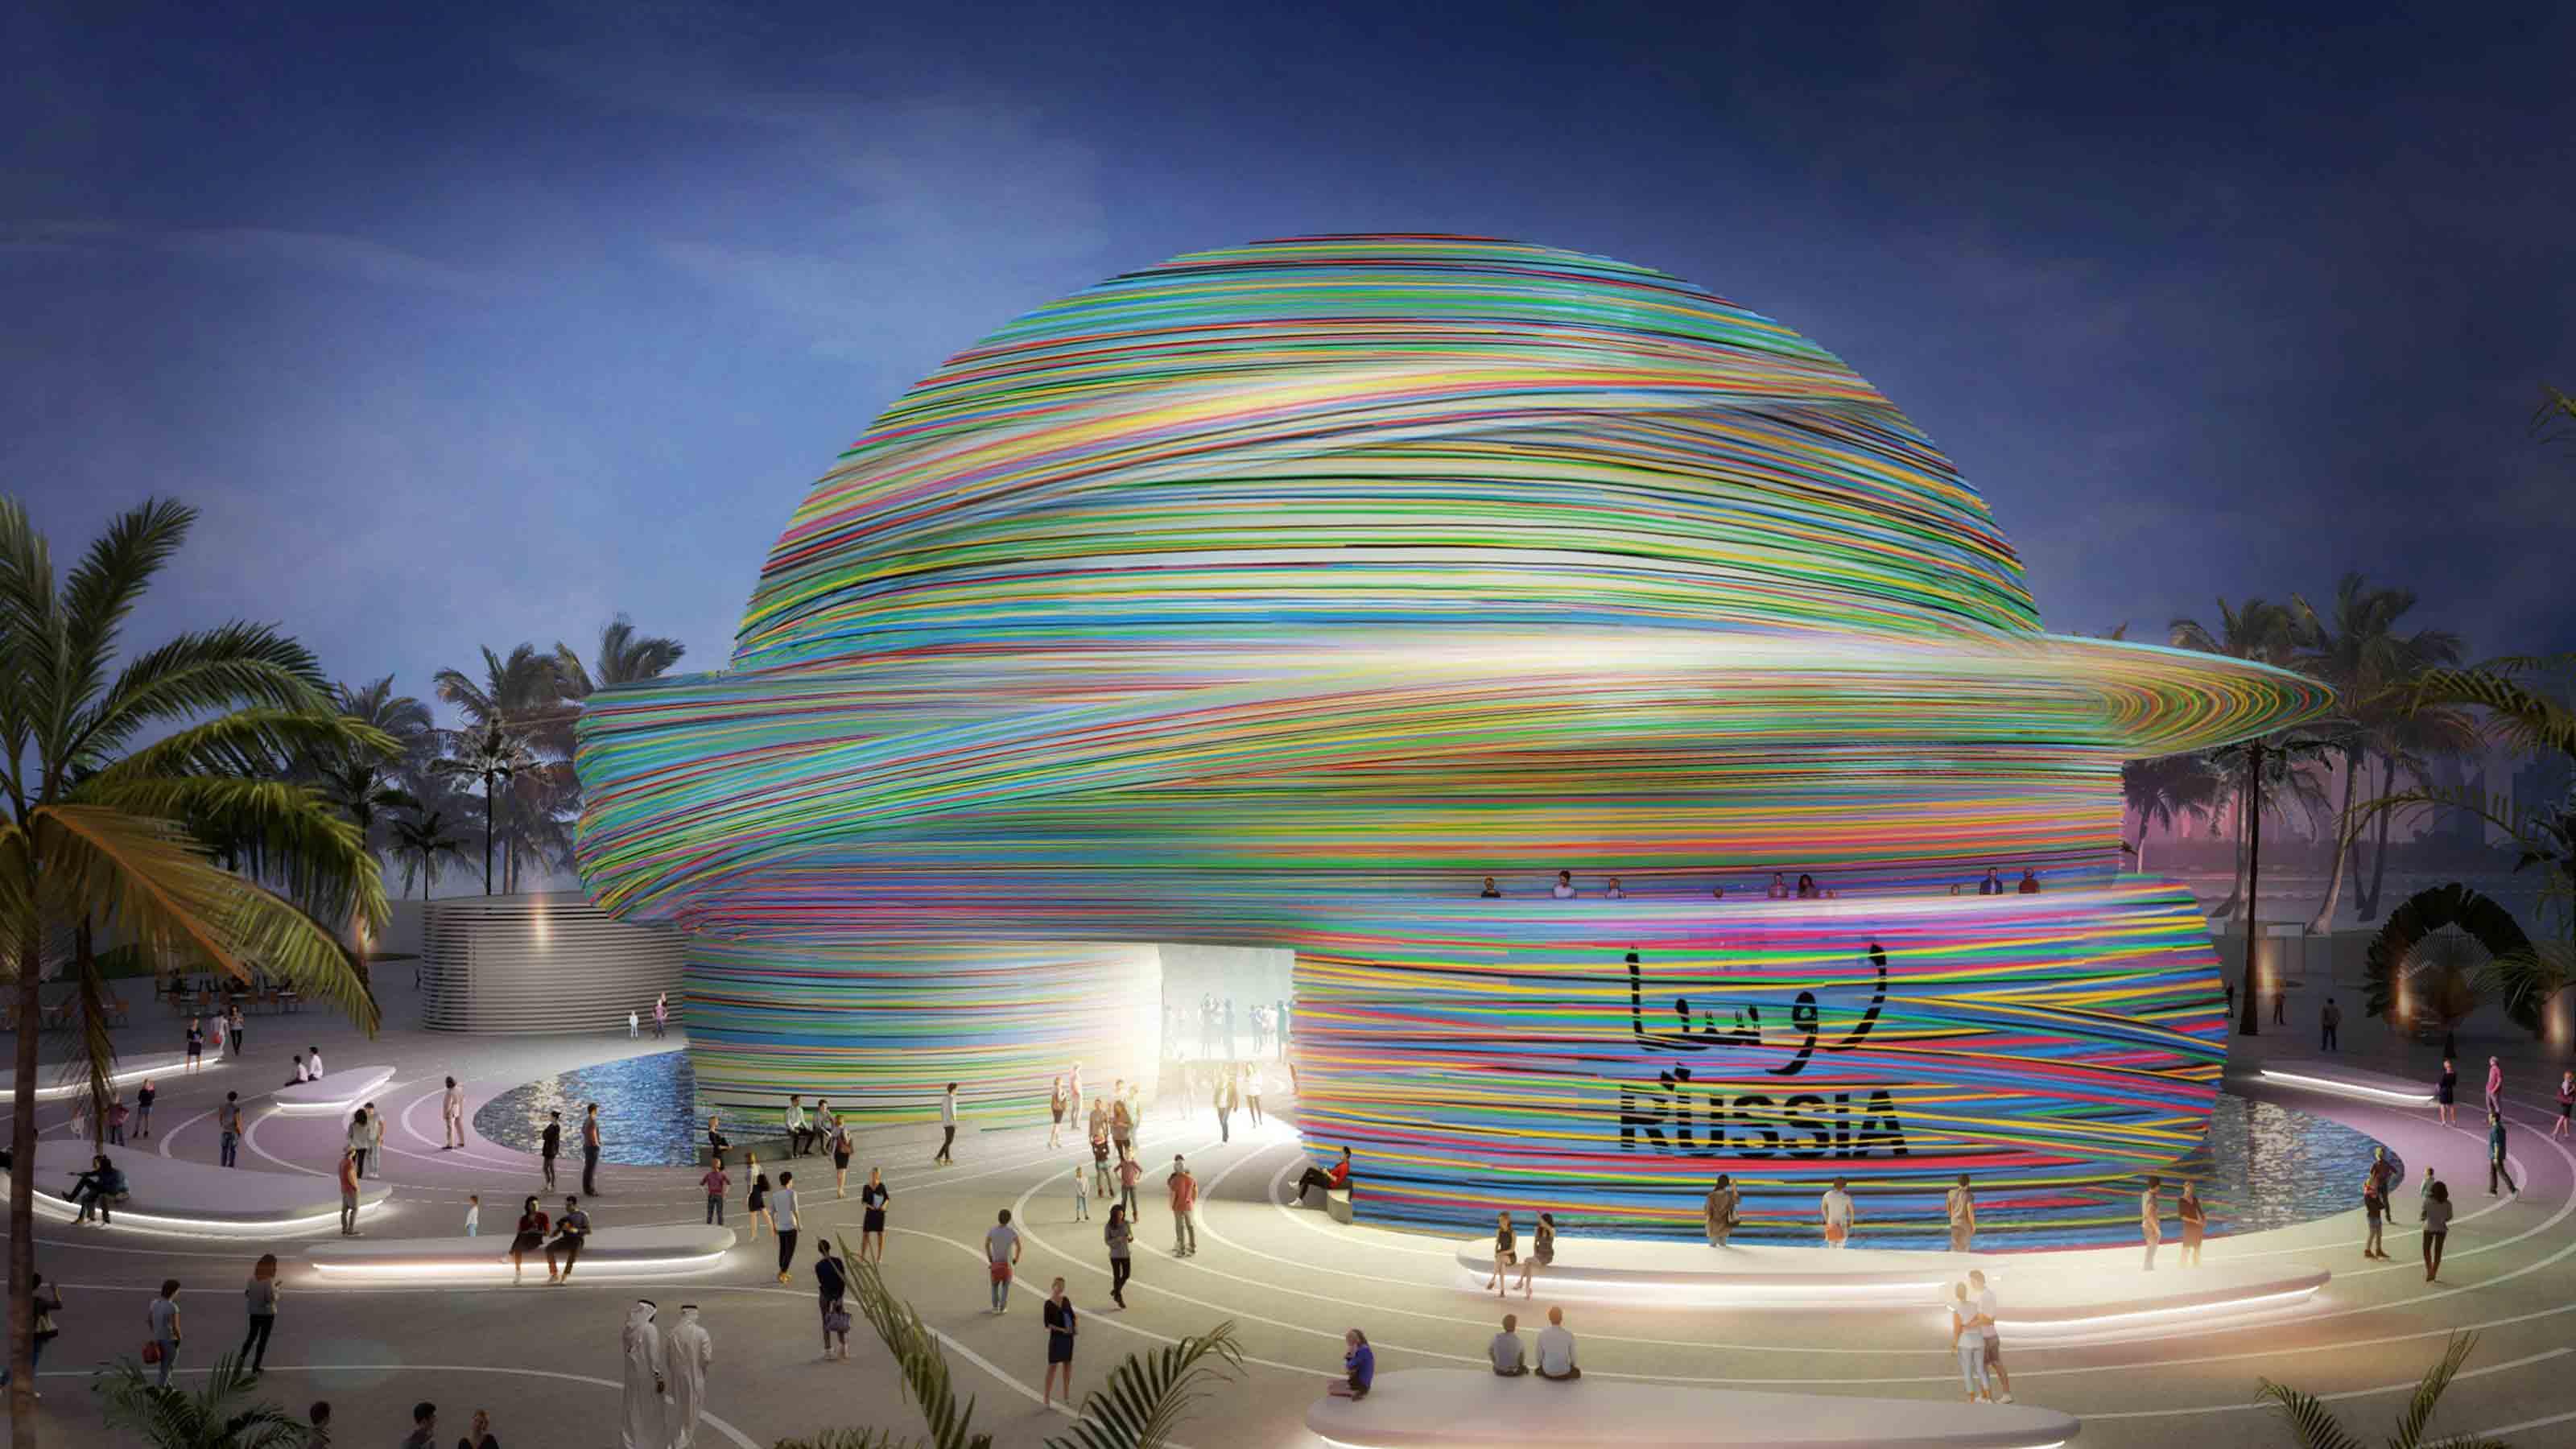 Russian Pavilion Expo 2020 Dubai - Exhibition Pavilion